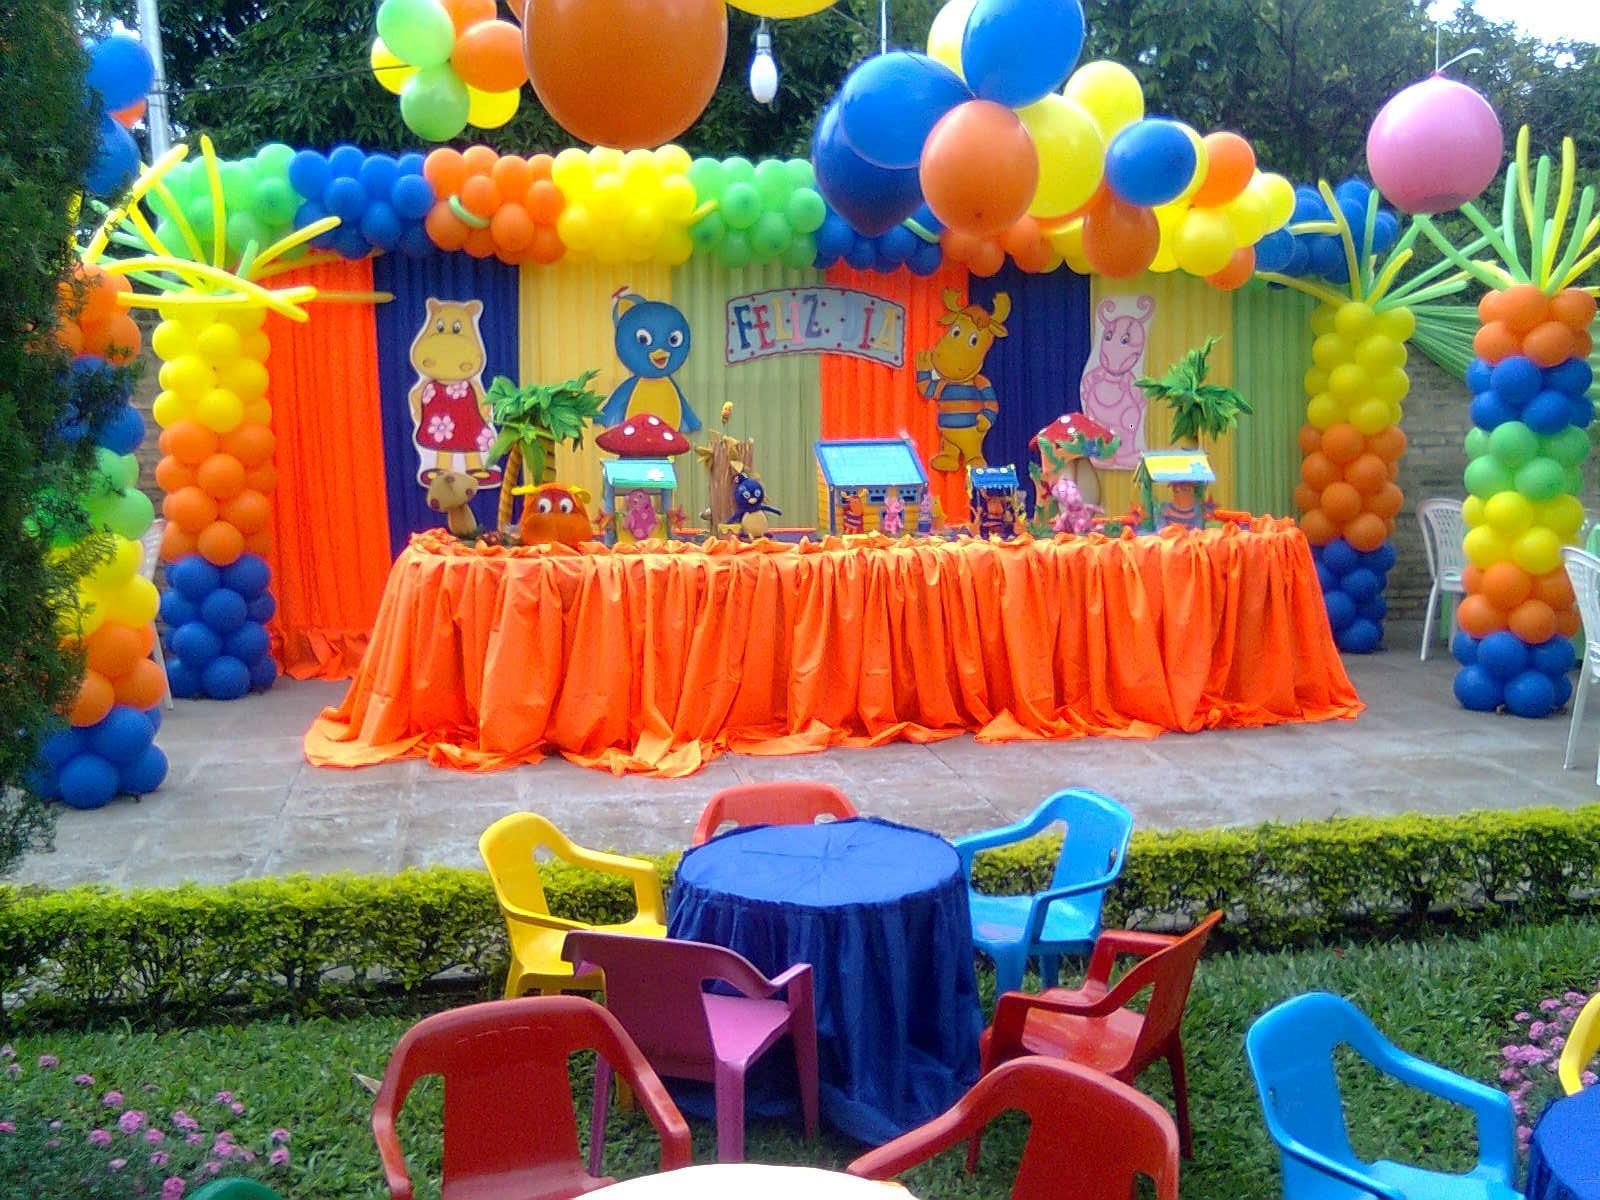 Mensajes de cumplea os del amor - Ideas para fiestas de cumpleanos infantiles en casa ...